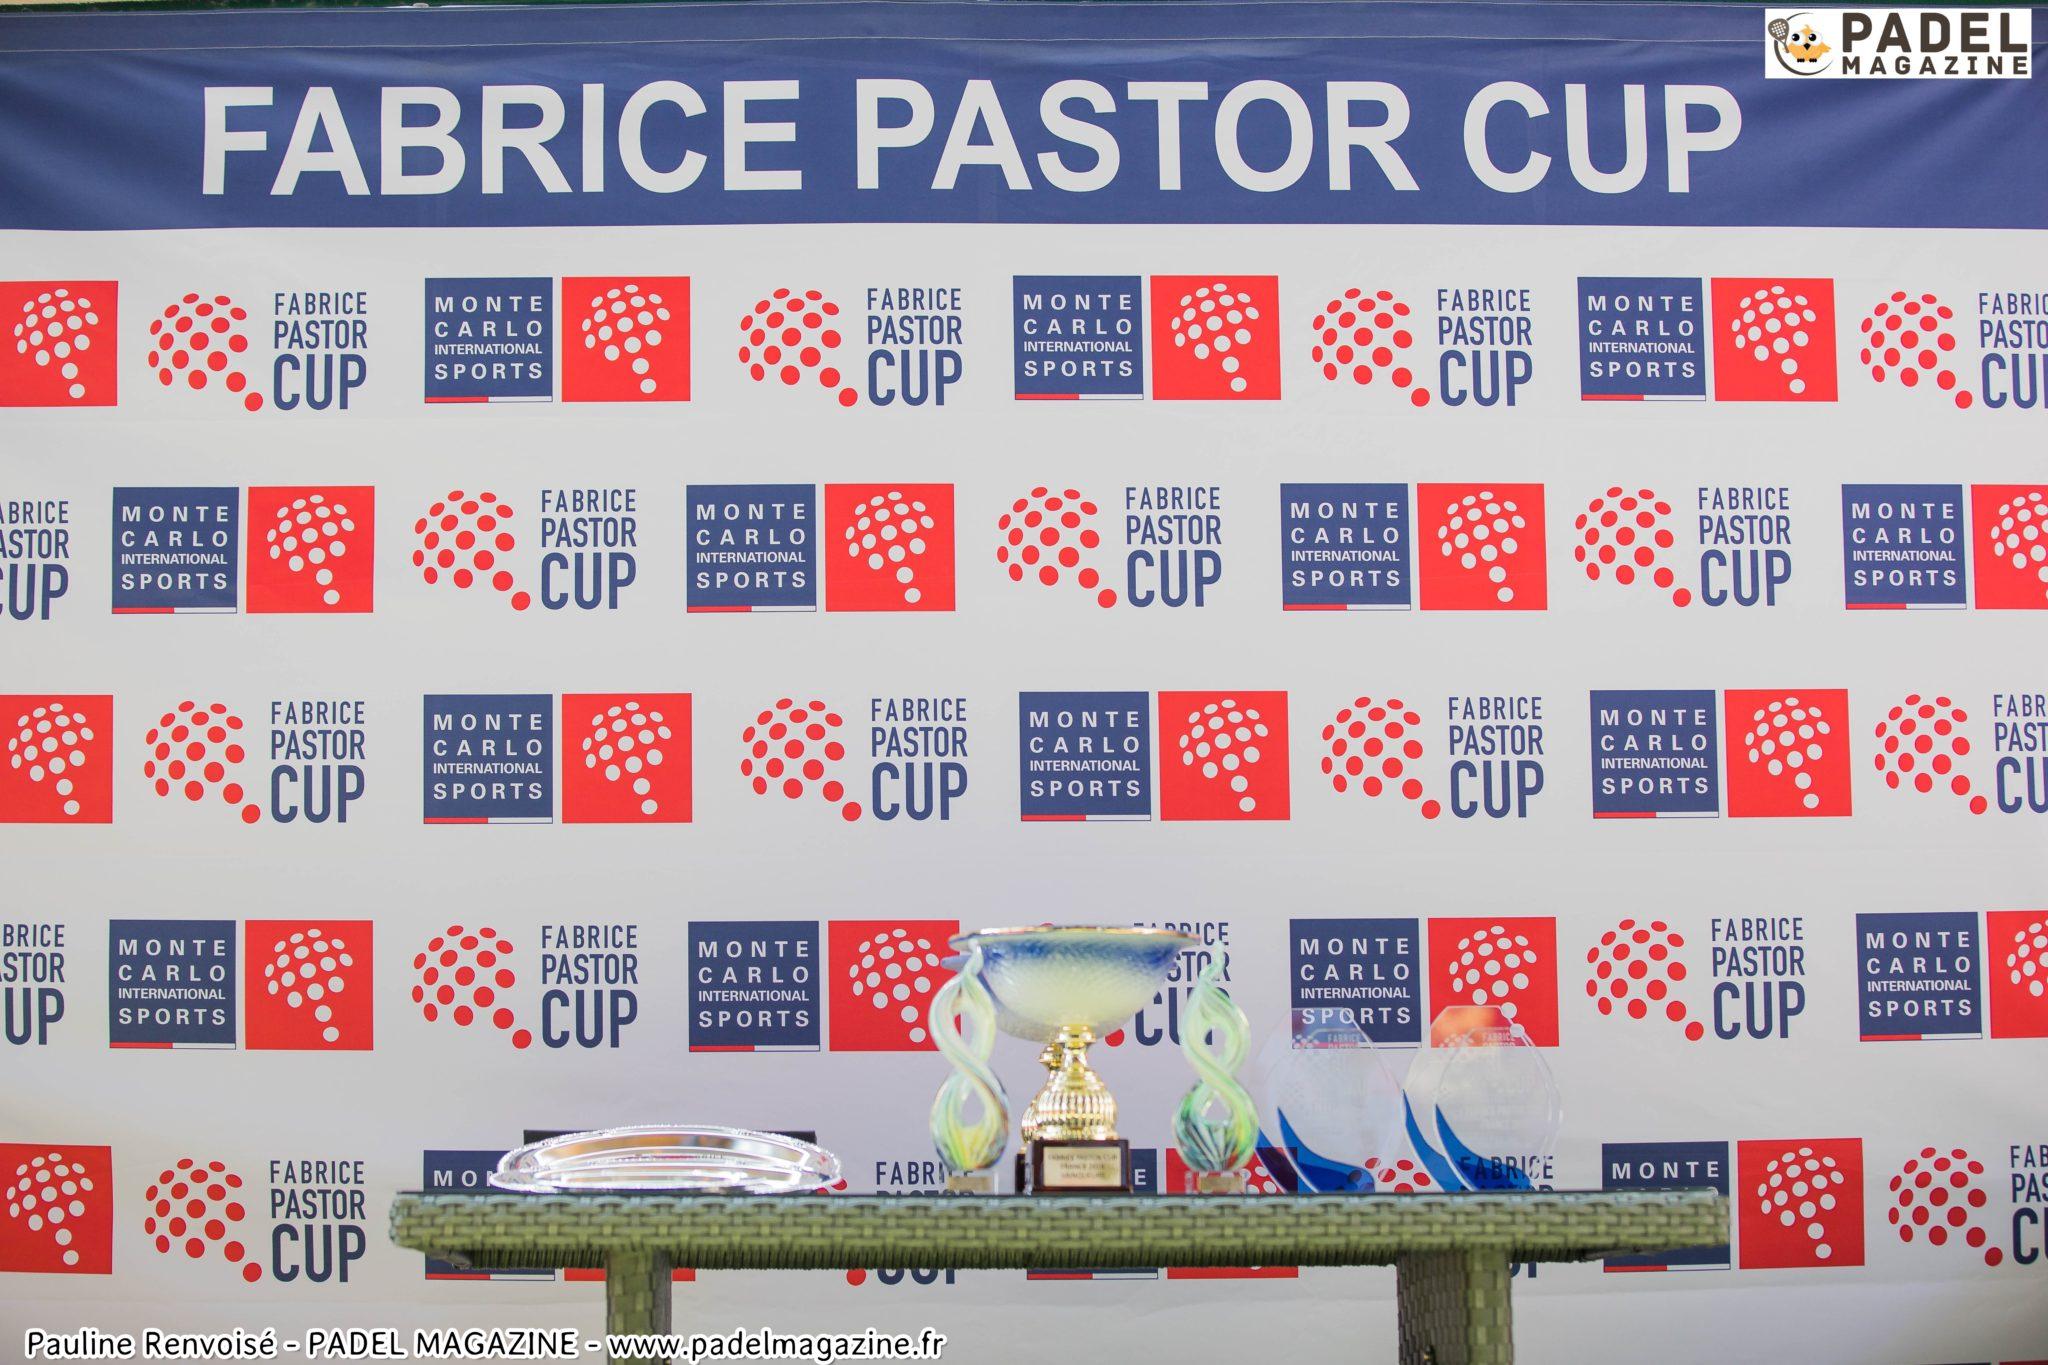 Bensadoun / Poggi vinder 1. udgave af Fabrice Pastor Cup i Frankrig